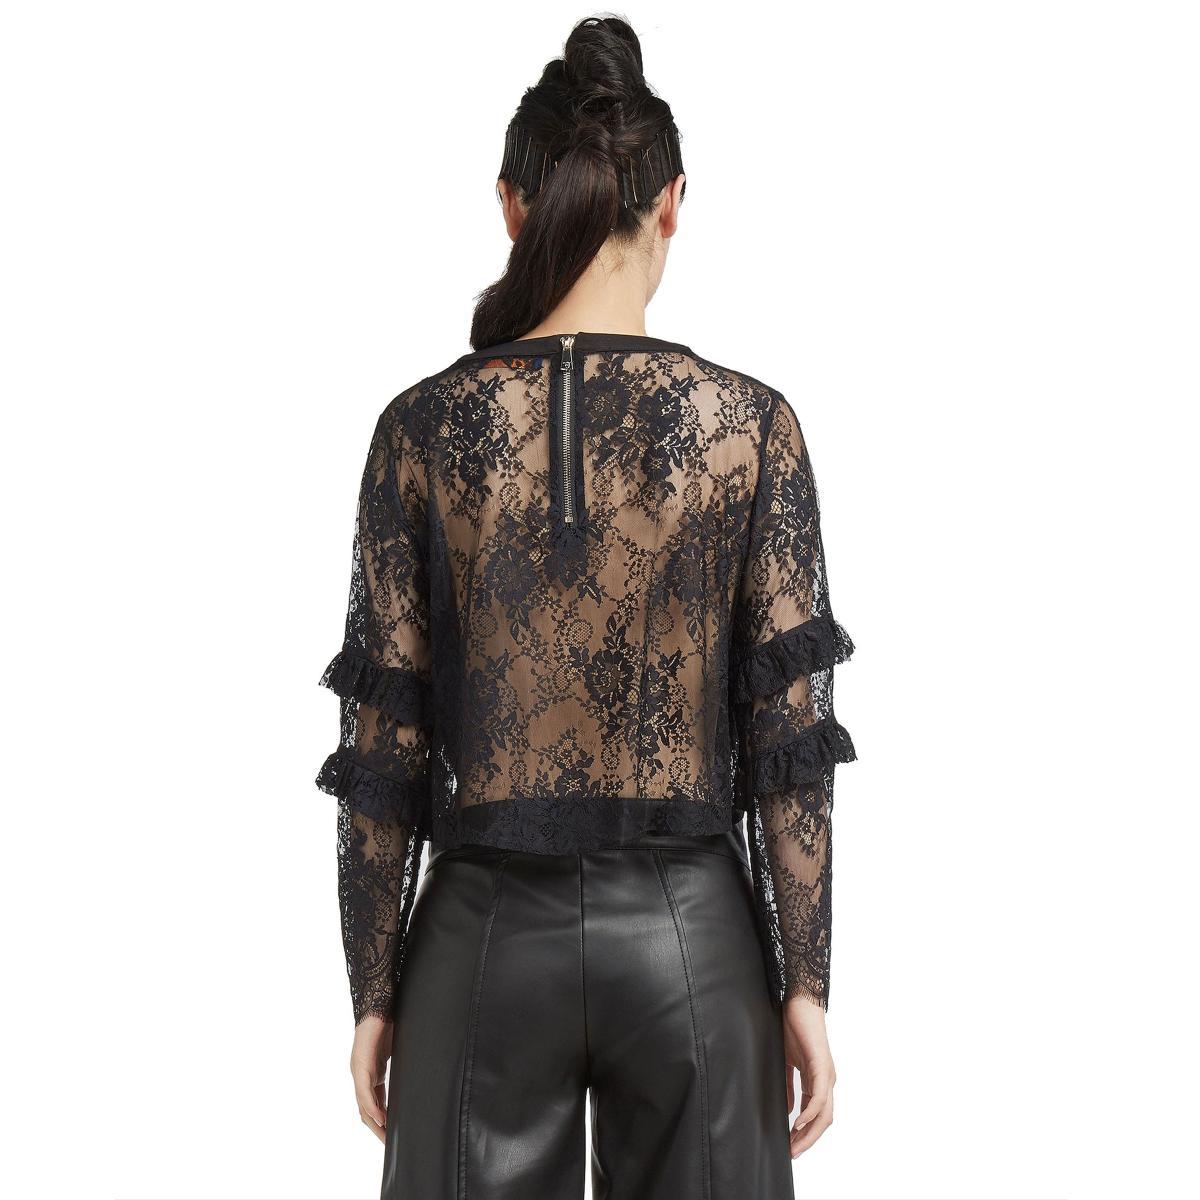 Camicia Blusa TRUSSARDI con pizzo semitrasparente da donna rif. 56C00112-1T001509